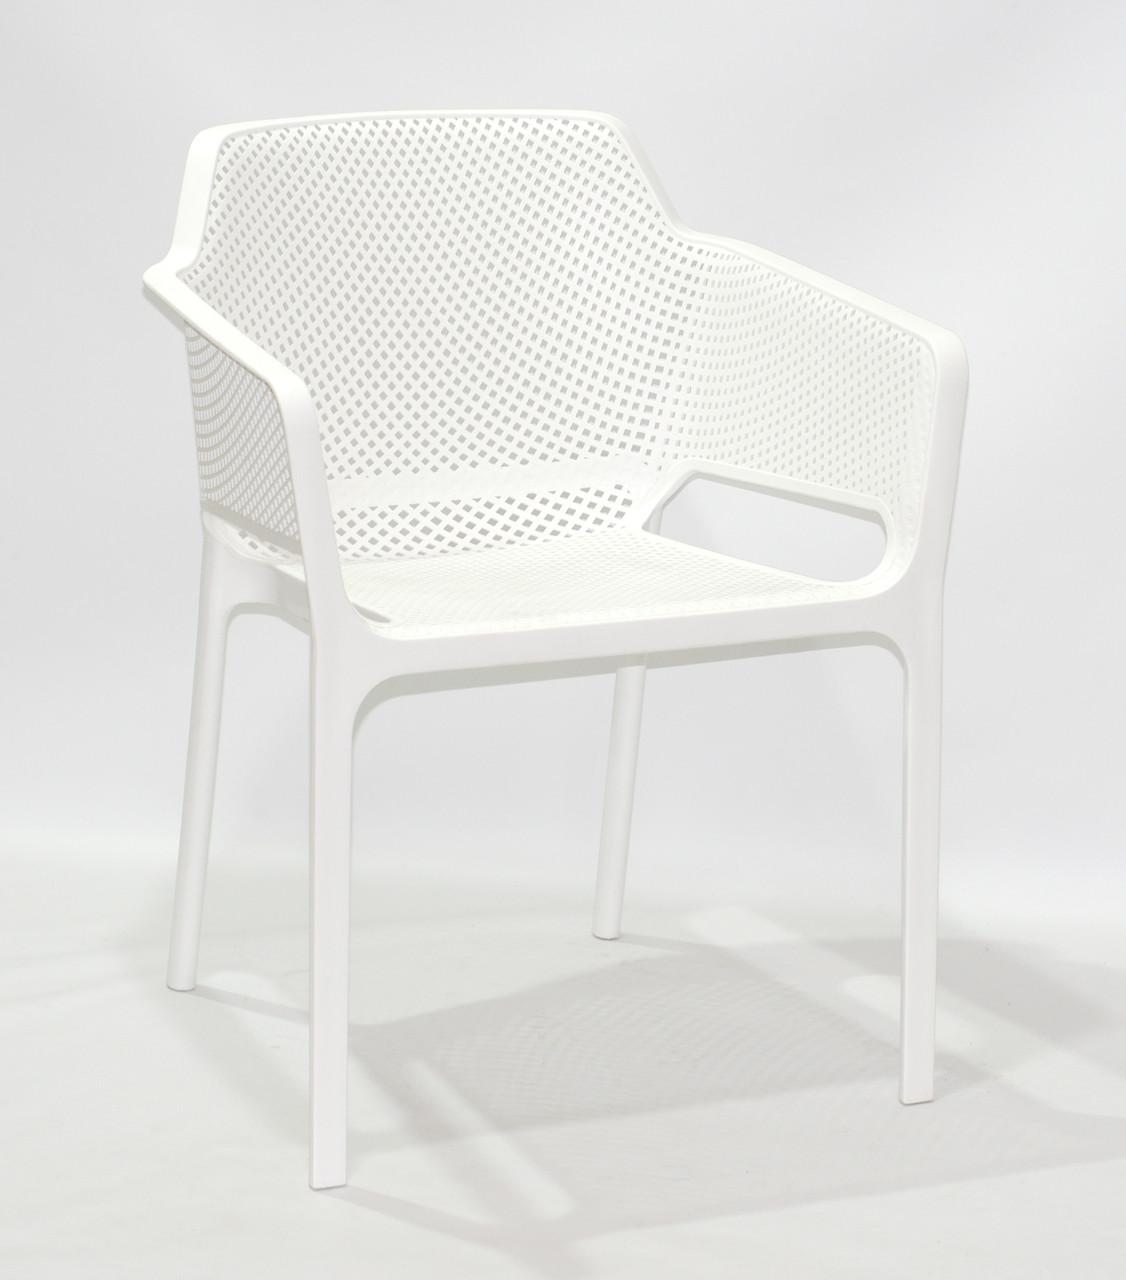 Кресло пластиковое в современном стиле Amado для террас, веранд, беседок, кафе